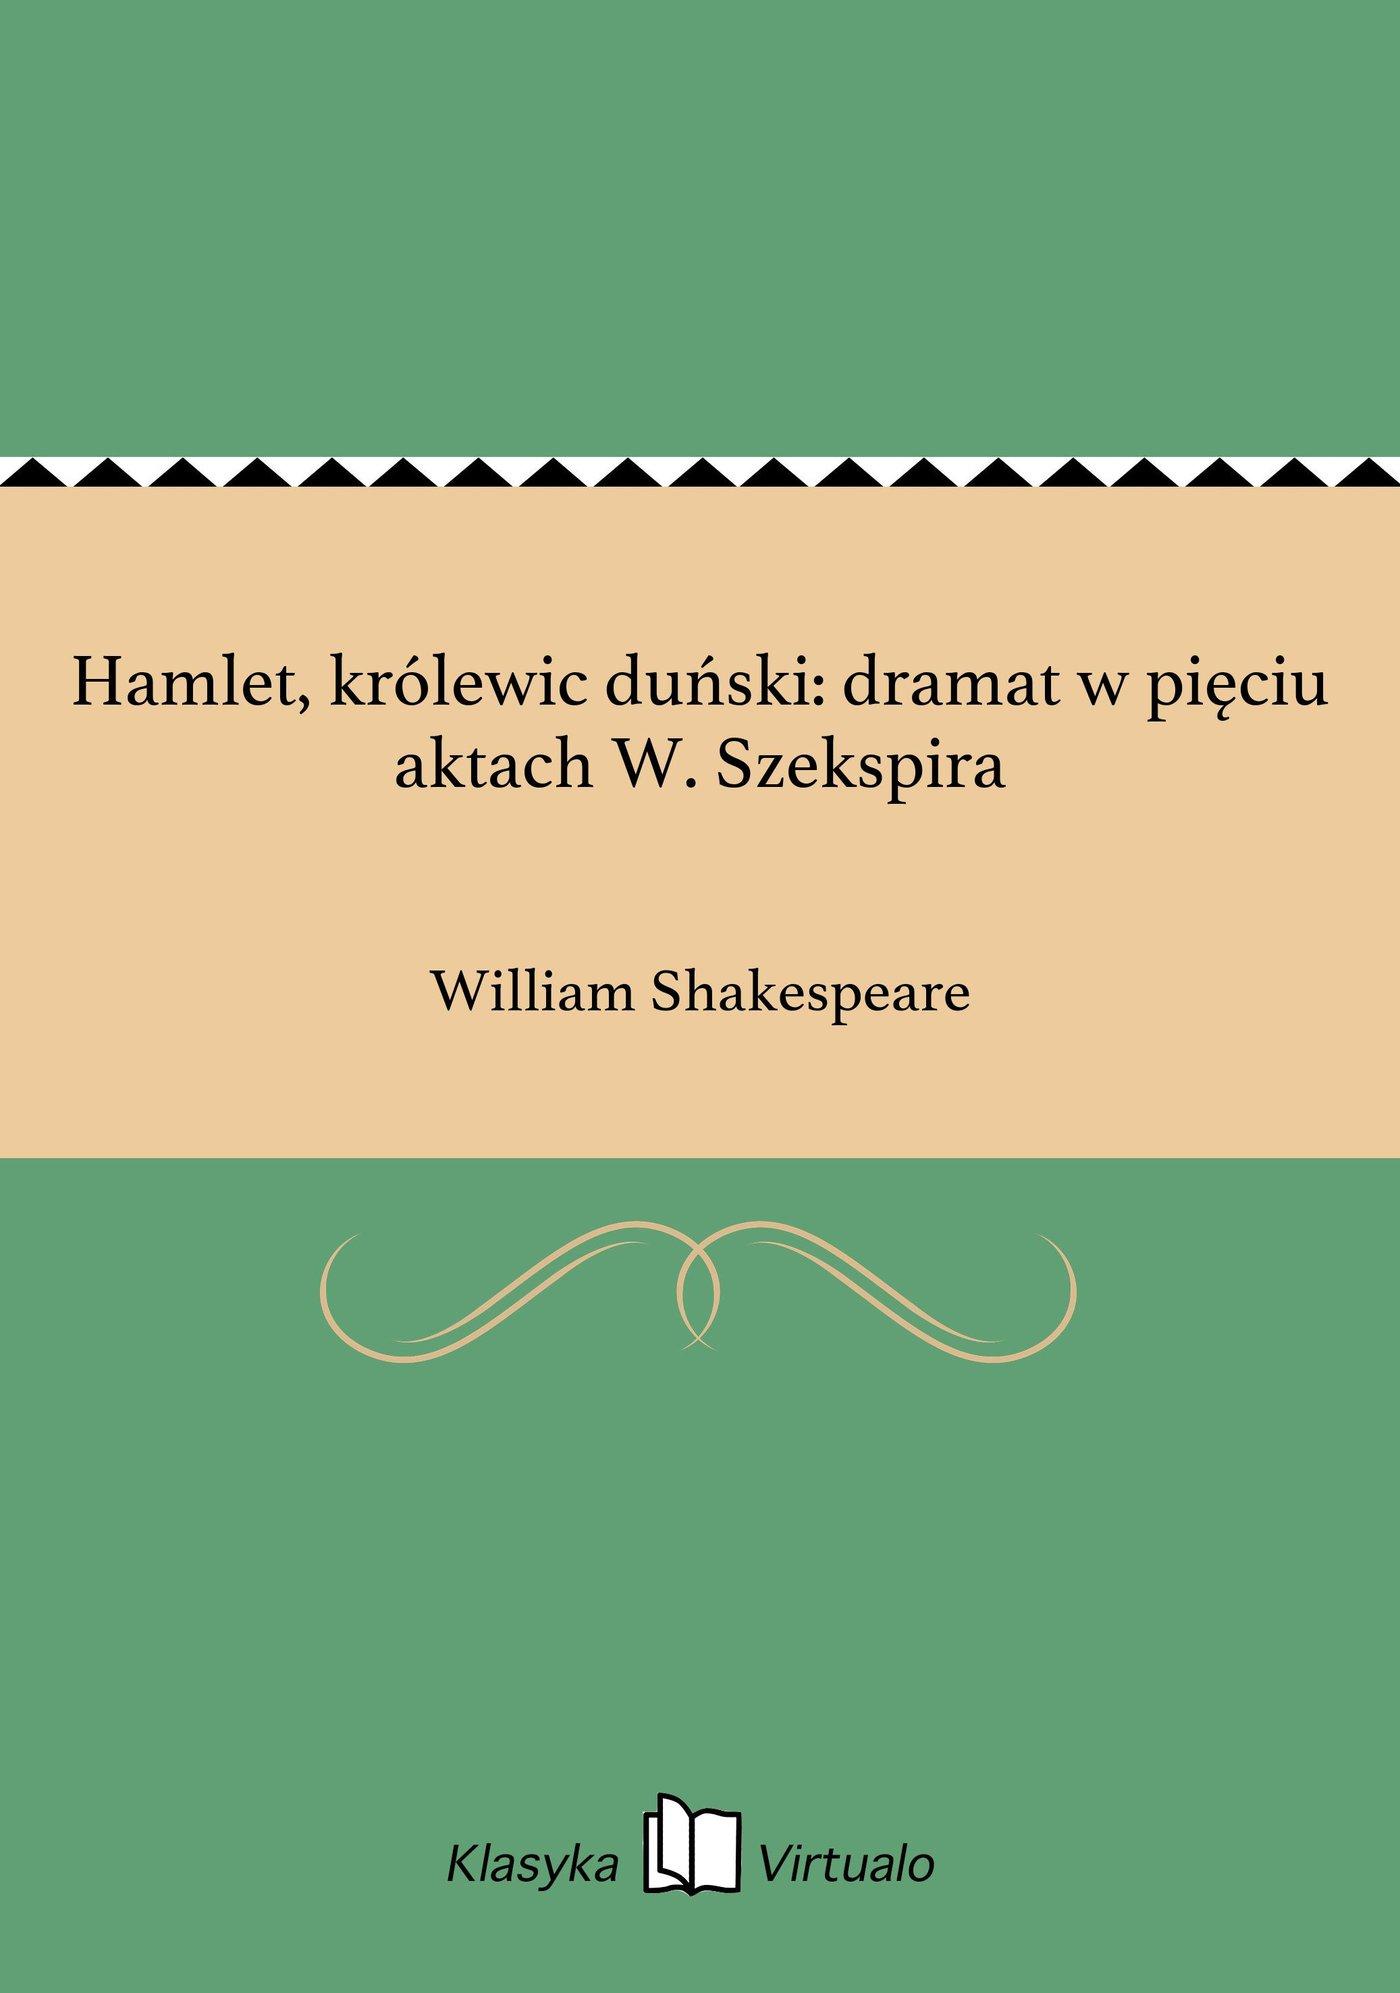 Hamlet, królewic duński: dramat w pięciu aktach W. Szekspira - Ebook (Książka EPUB) do pobrania w formacie EPUB